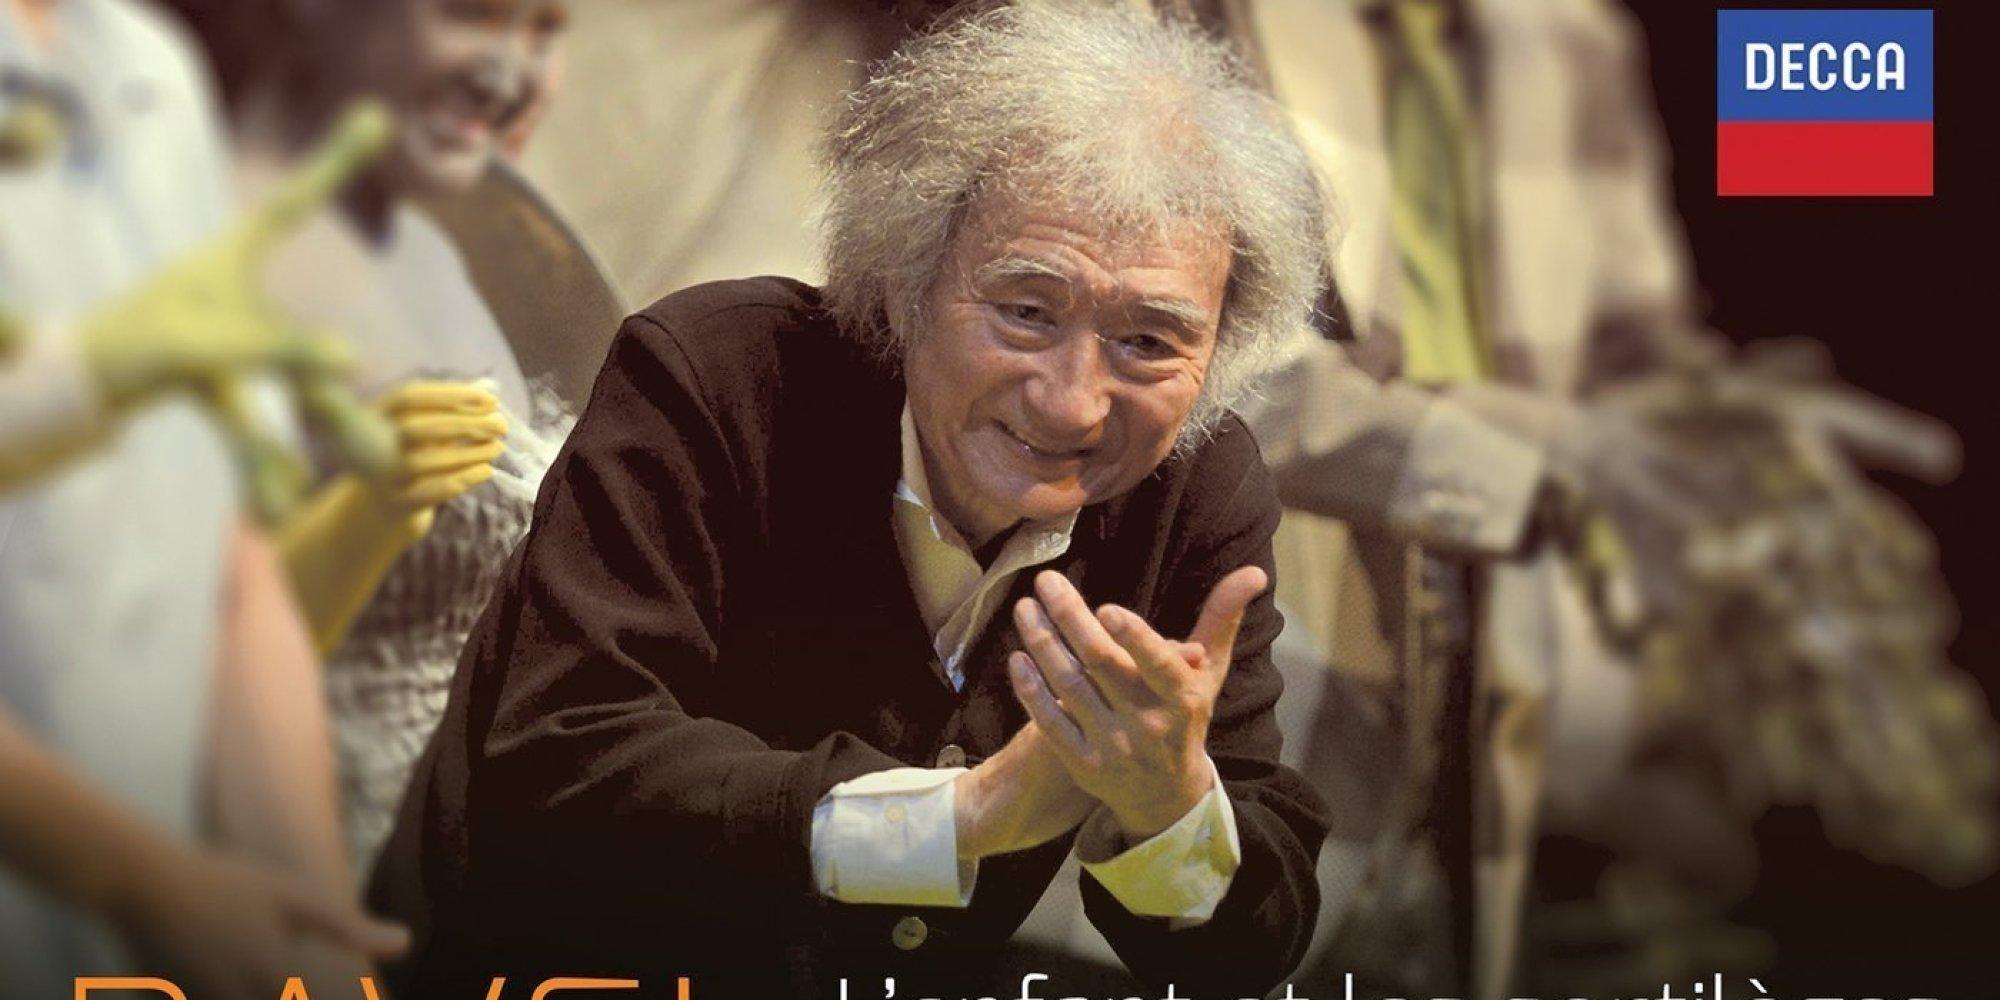 小澤征爾さん、グラミー賞の最優秀オペラ・レコーディングを受賞 「誇りに思う」【コメント全文】